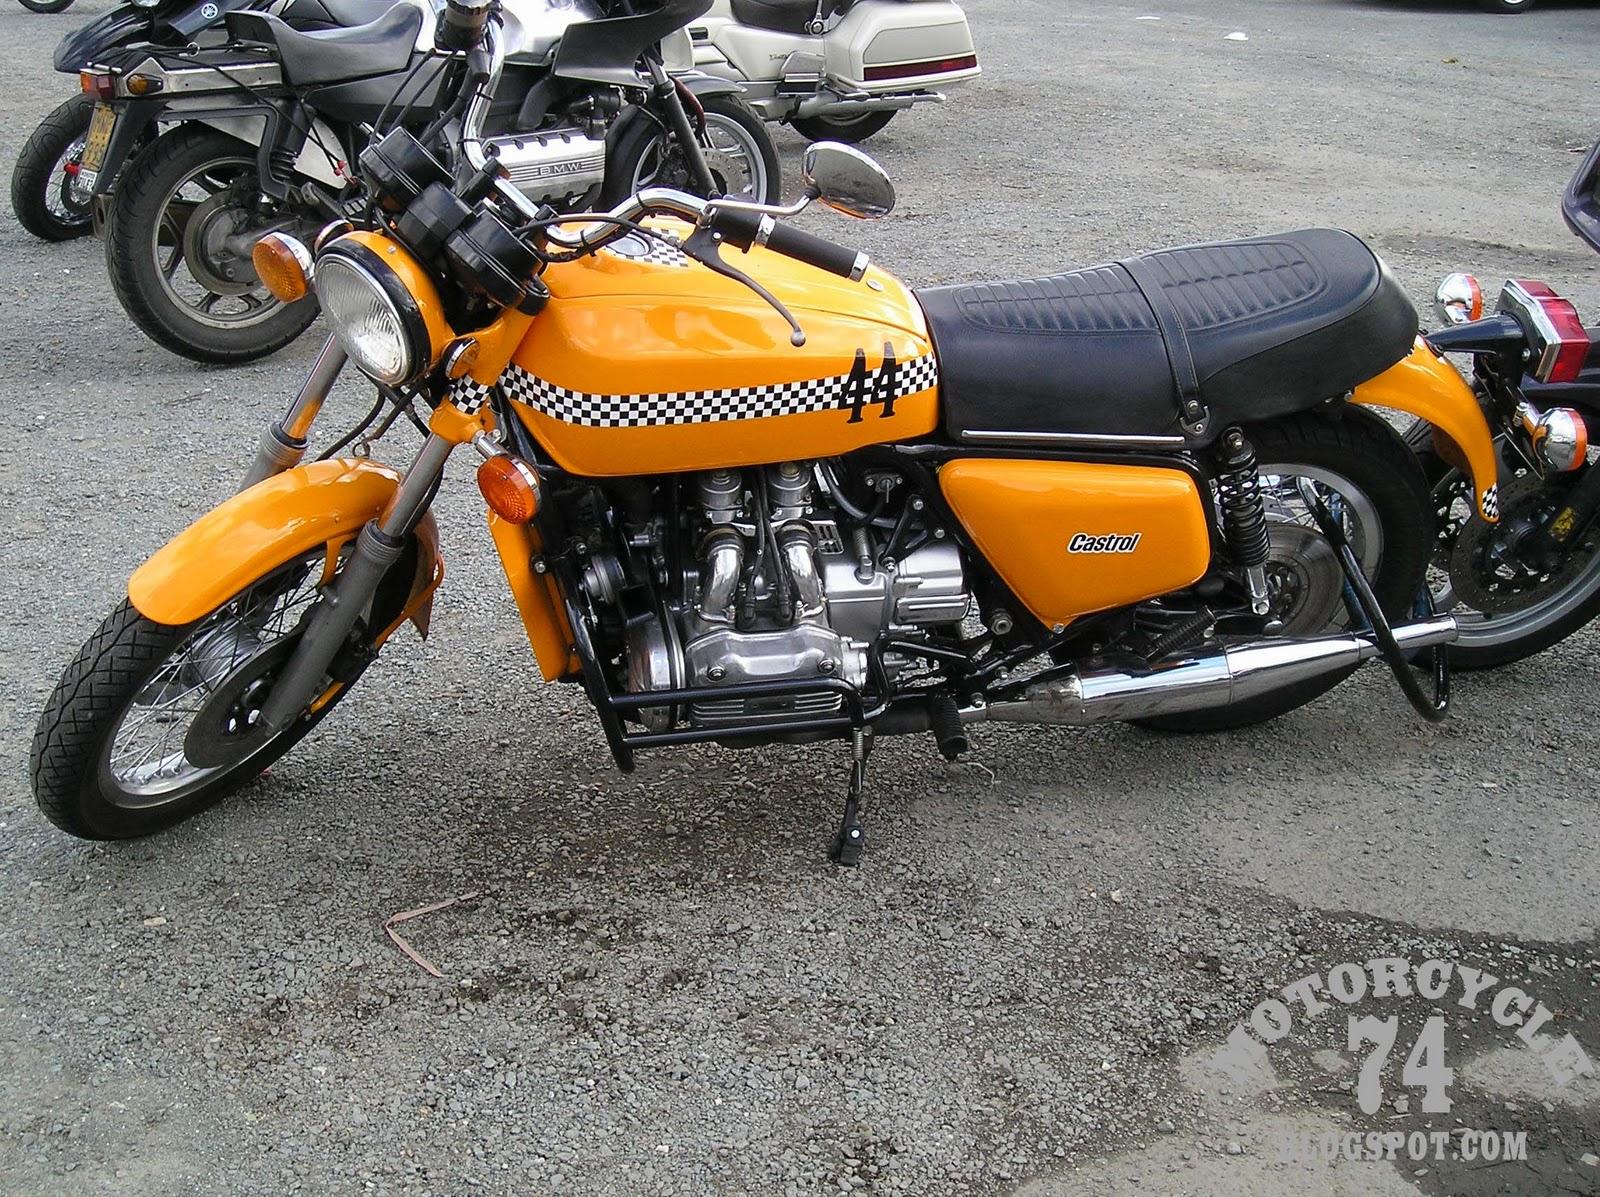 motorcycle 74 cool vintage honda goldwing. Black Bedroom Furniture Sets. Home Design Ideas